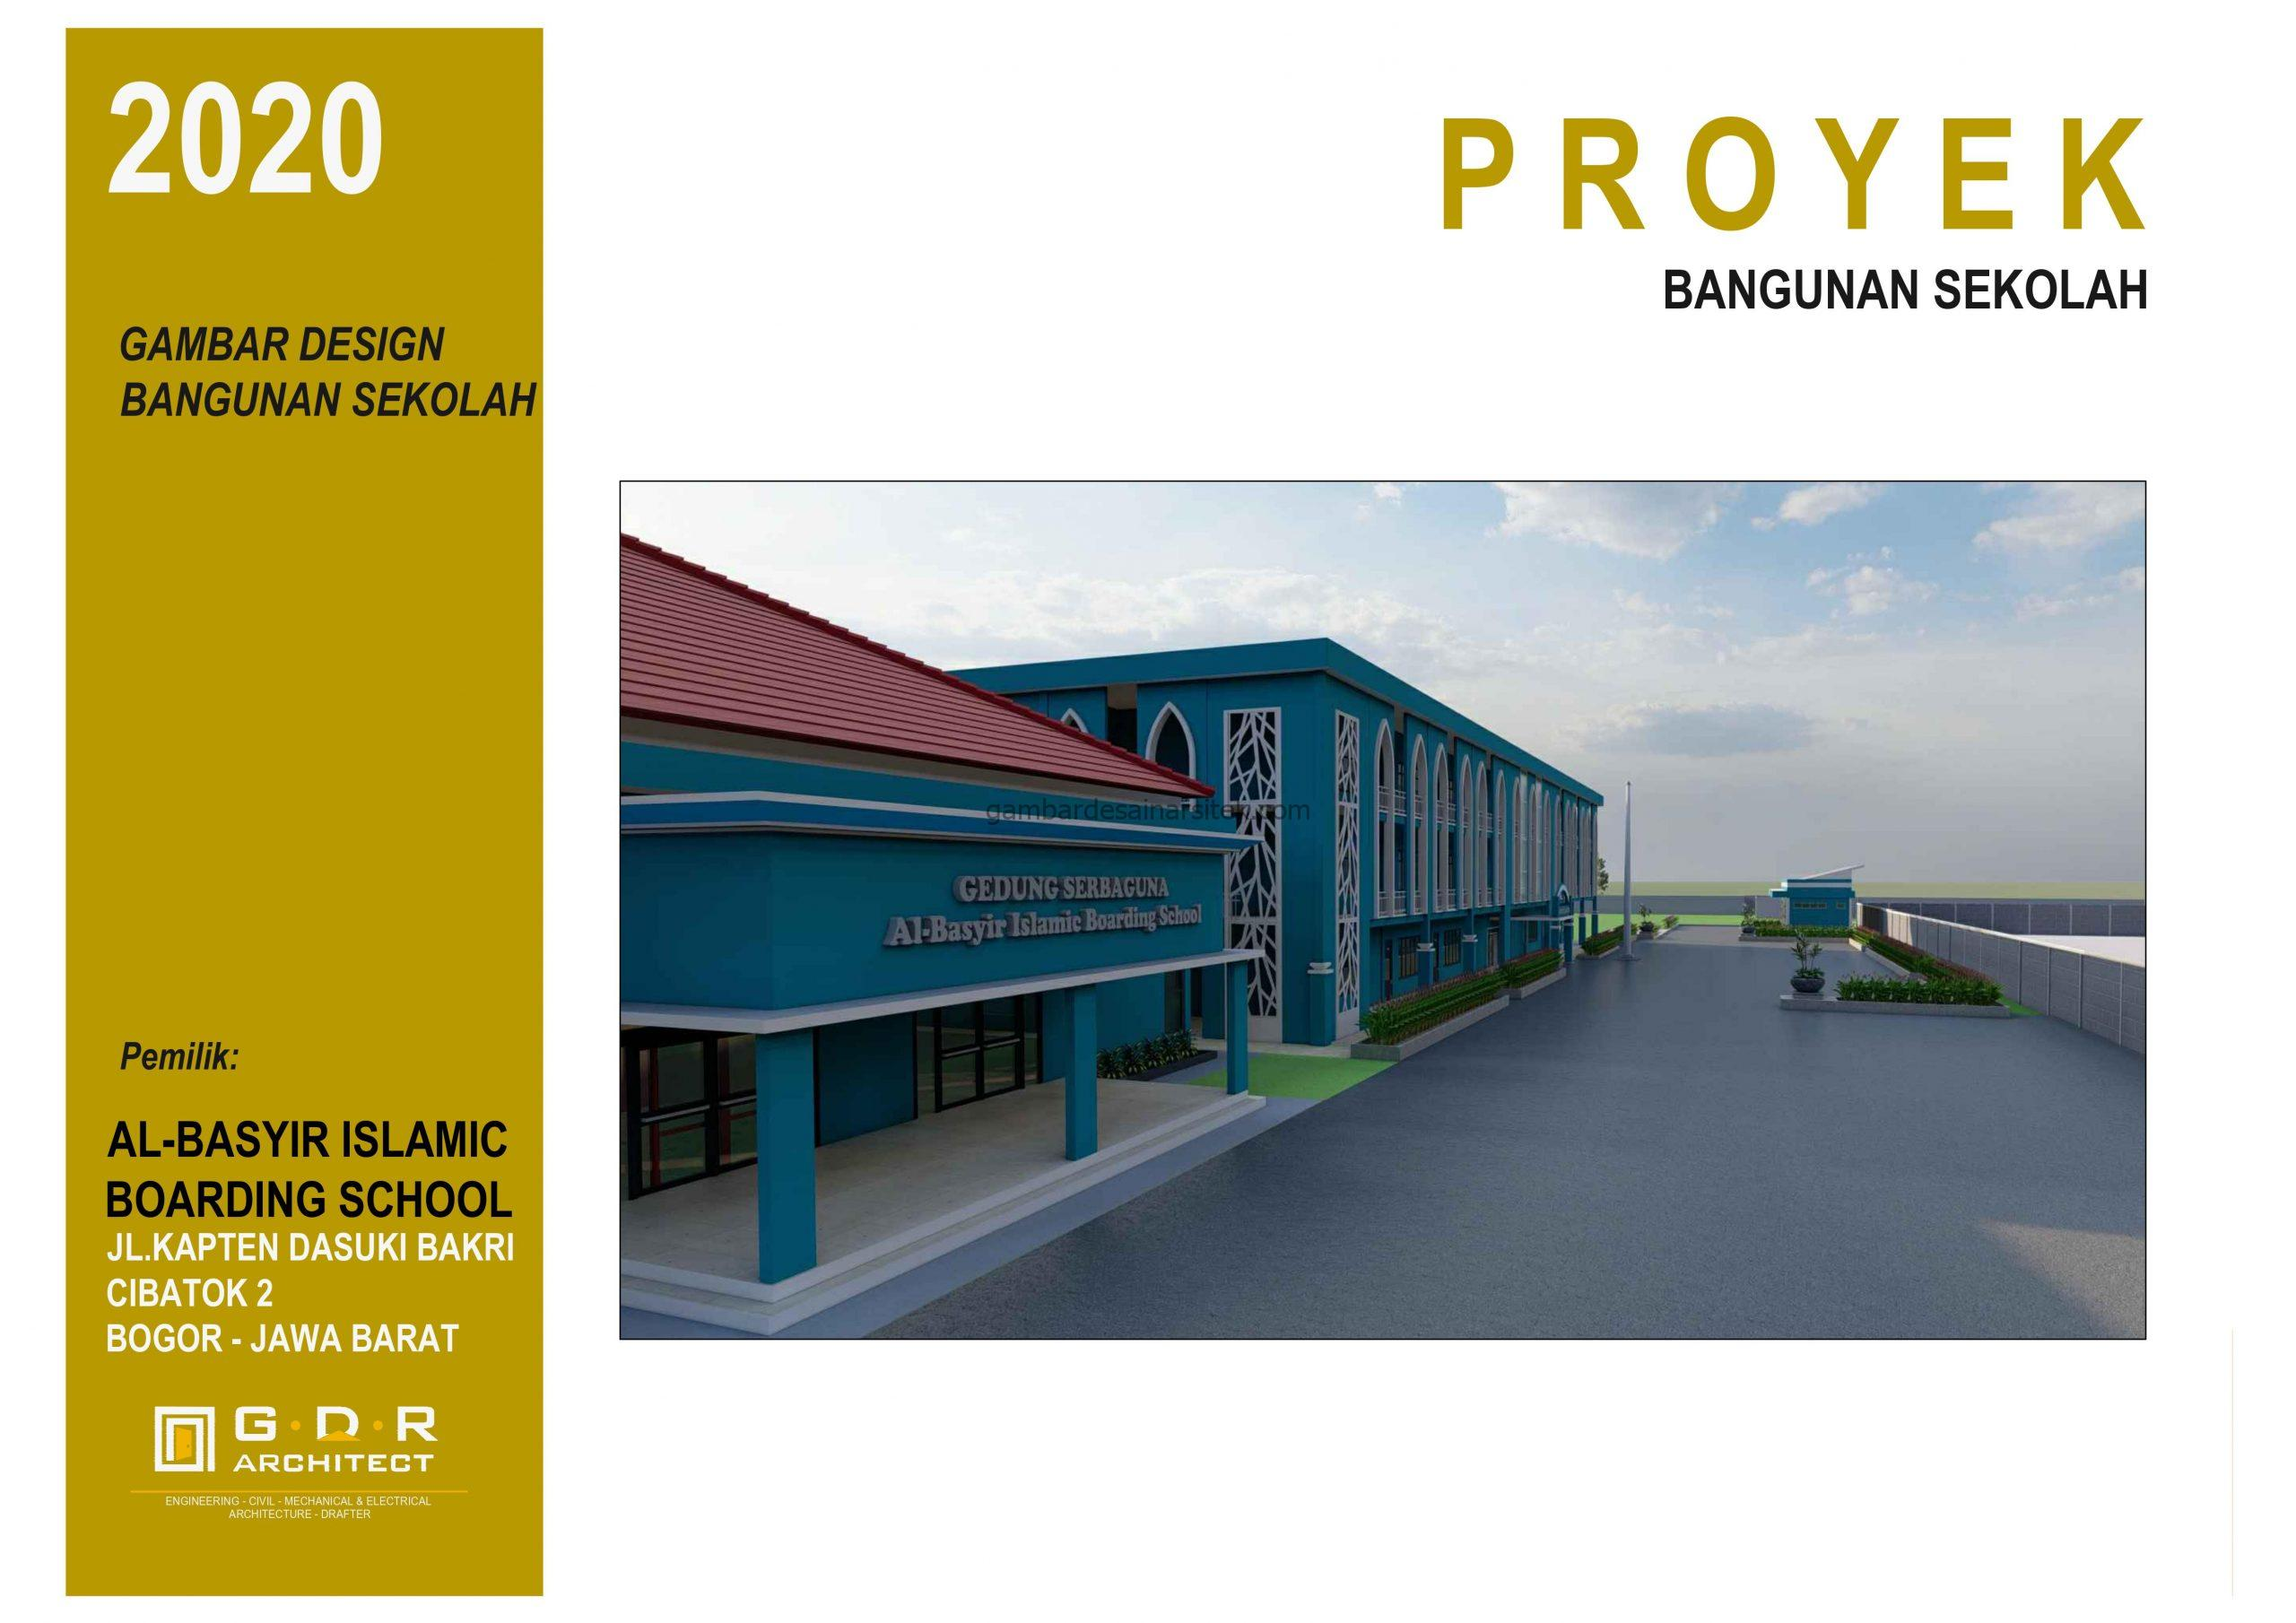 3D Gambar Desain Bangunan Sekolah Boarding School 1 scaled